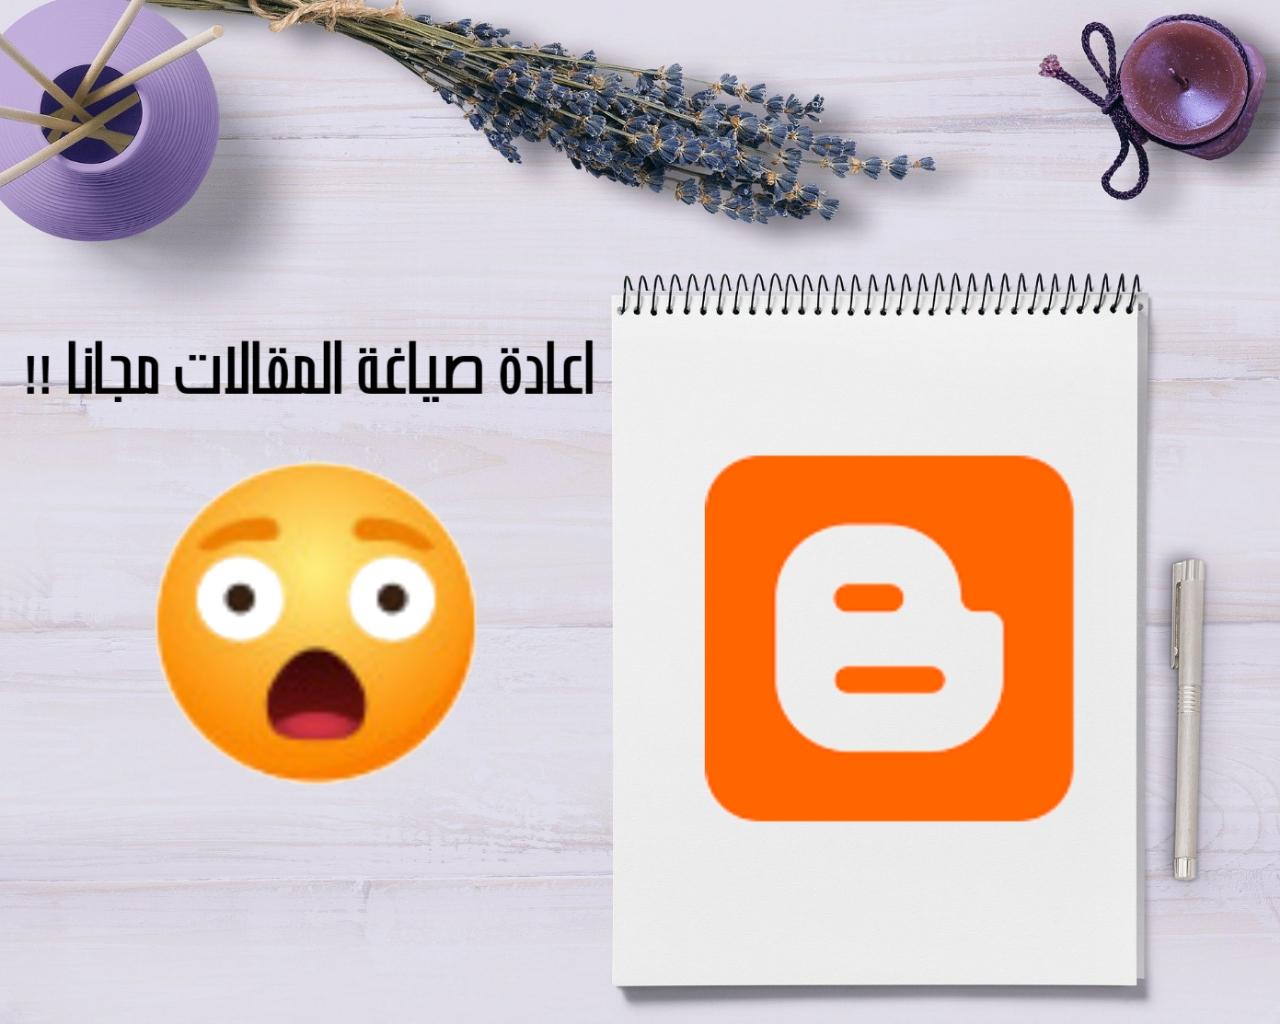 كيفية اعادة صياغة المقالات العربية اون لاين مجانا